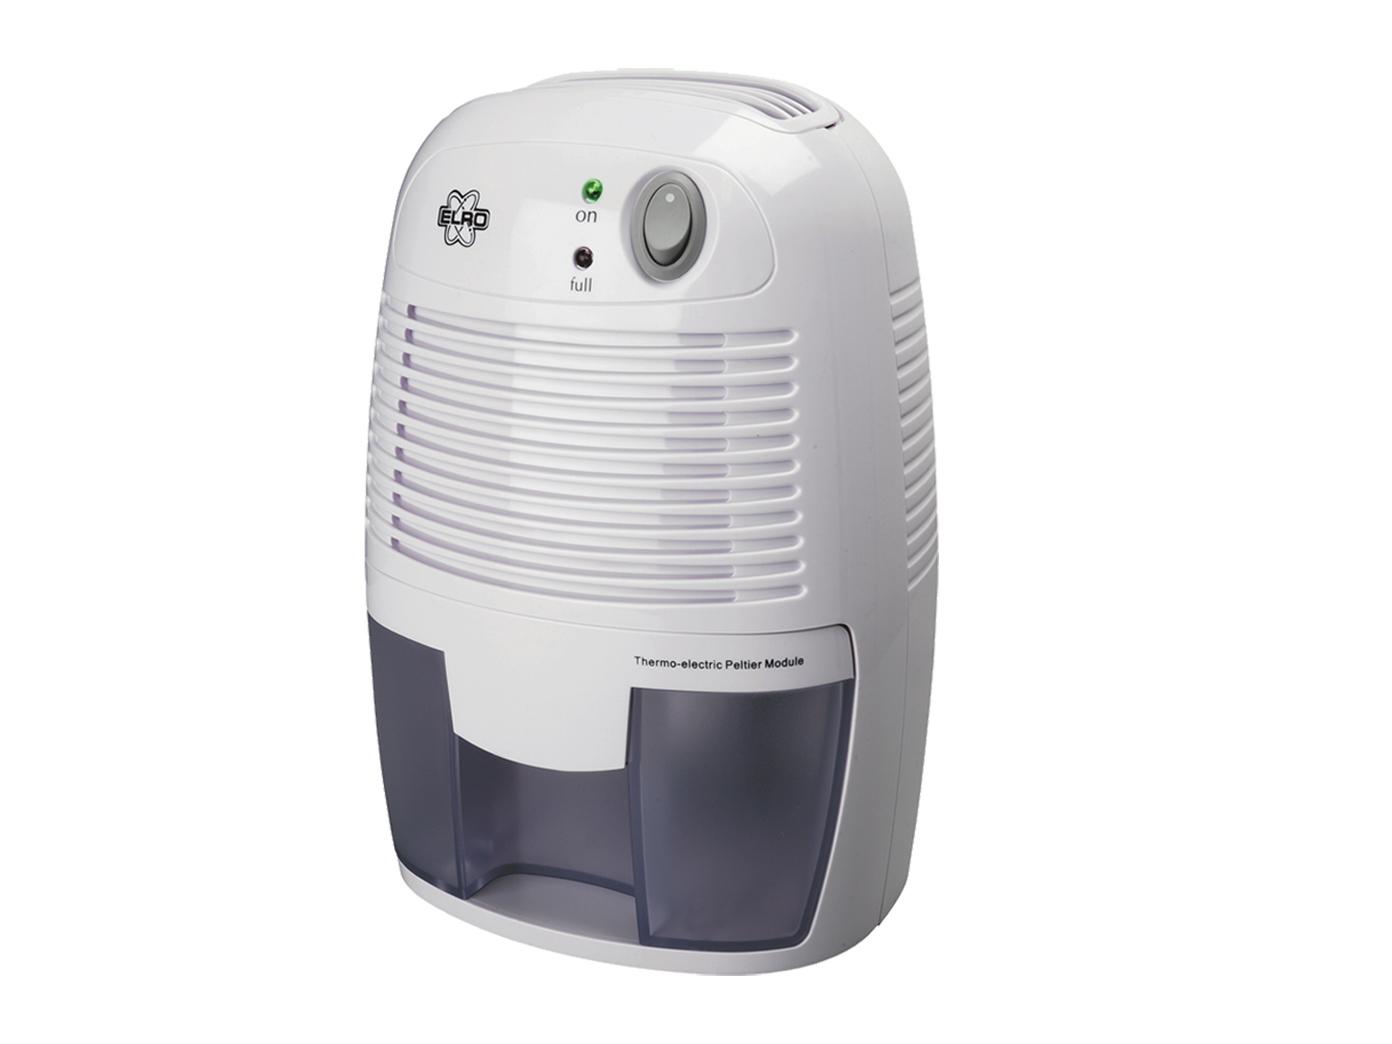 Luftentfeuchter Für Schlafzimmer : elektrischer luftentfeuchter f r bad schlafzimmer ~ A.2002-acura-tl-radio.info Haus und Dekorationen